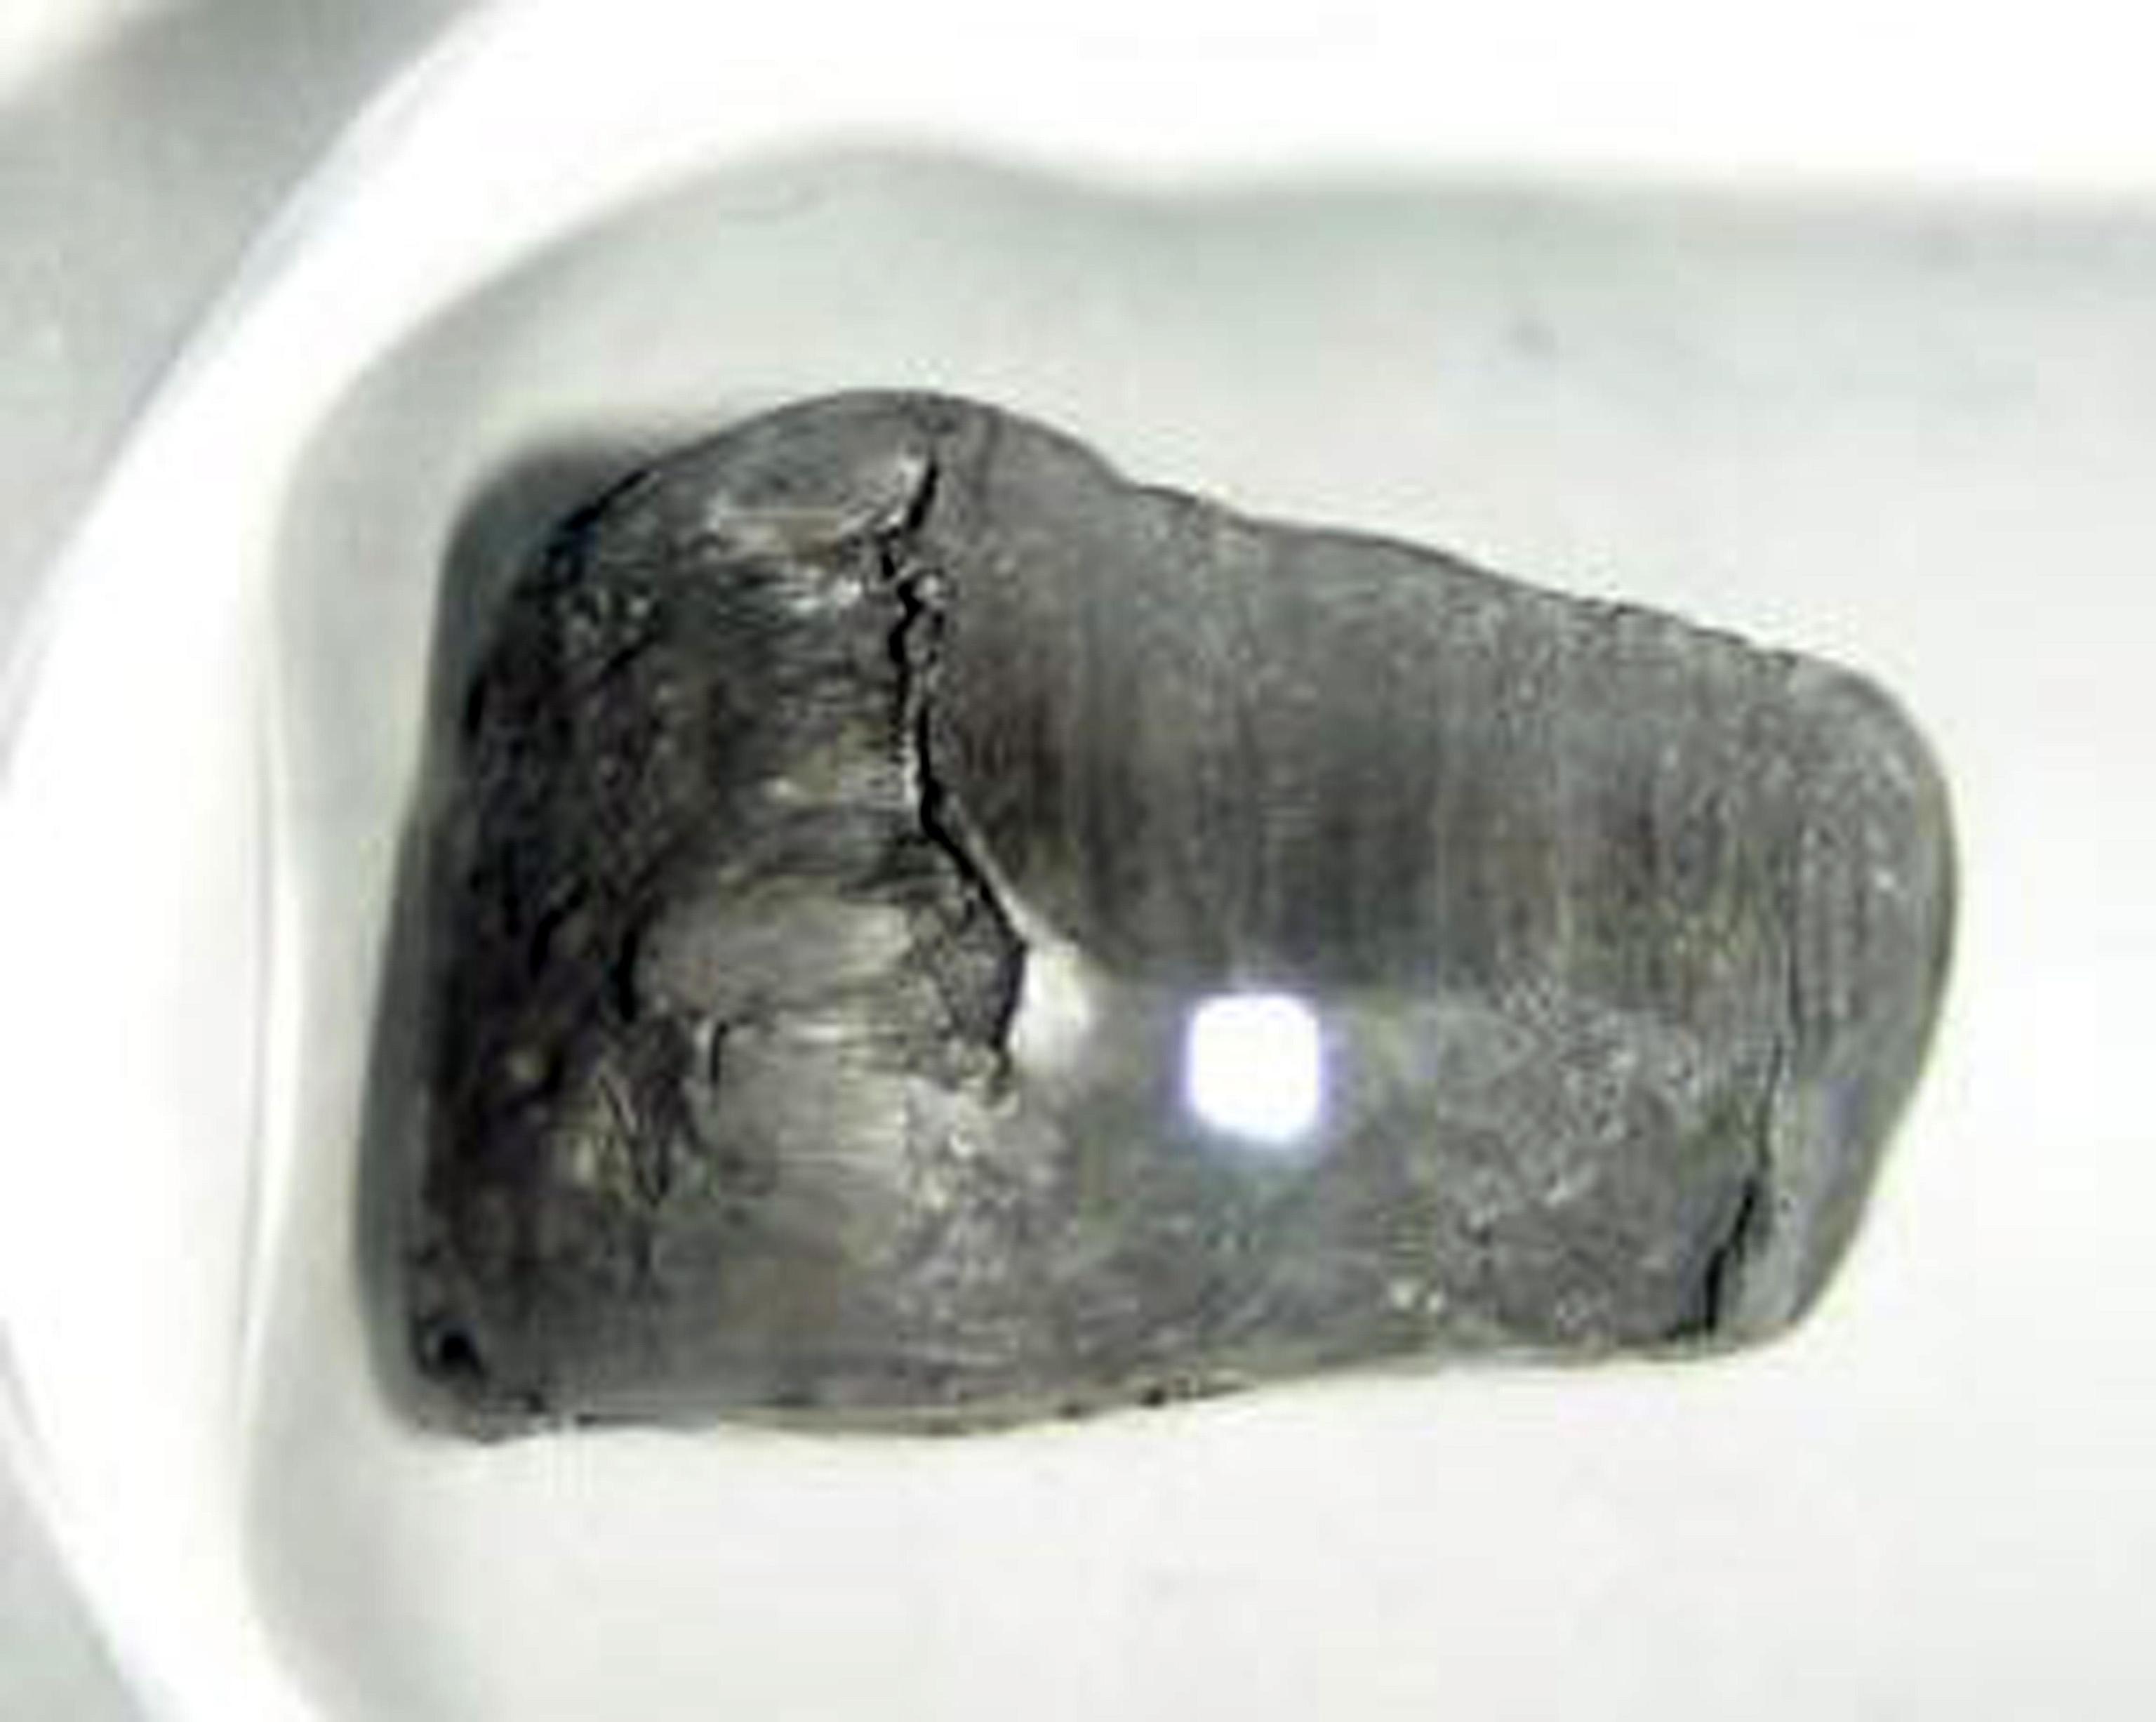 Avvelenamenti da tallio: in una tisana la sostanza nociva che ha ucciso tre persone